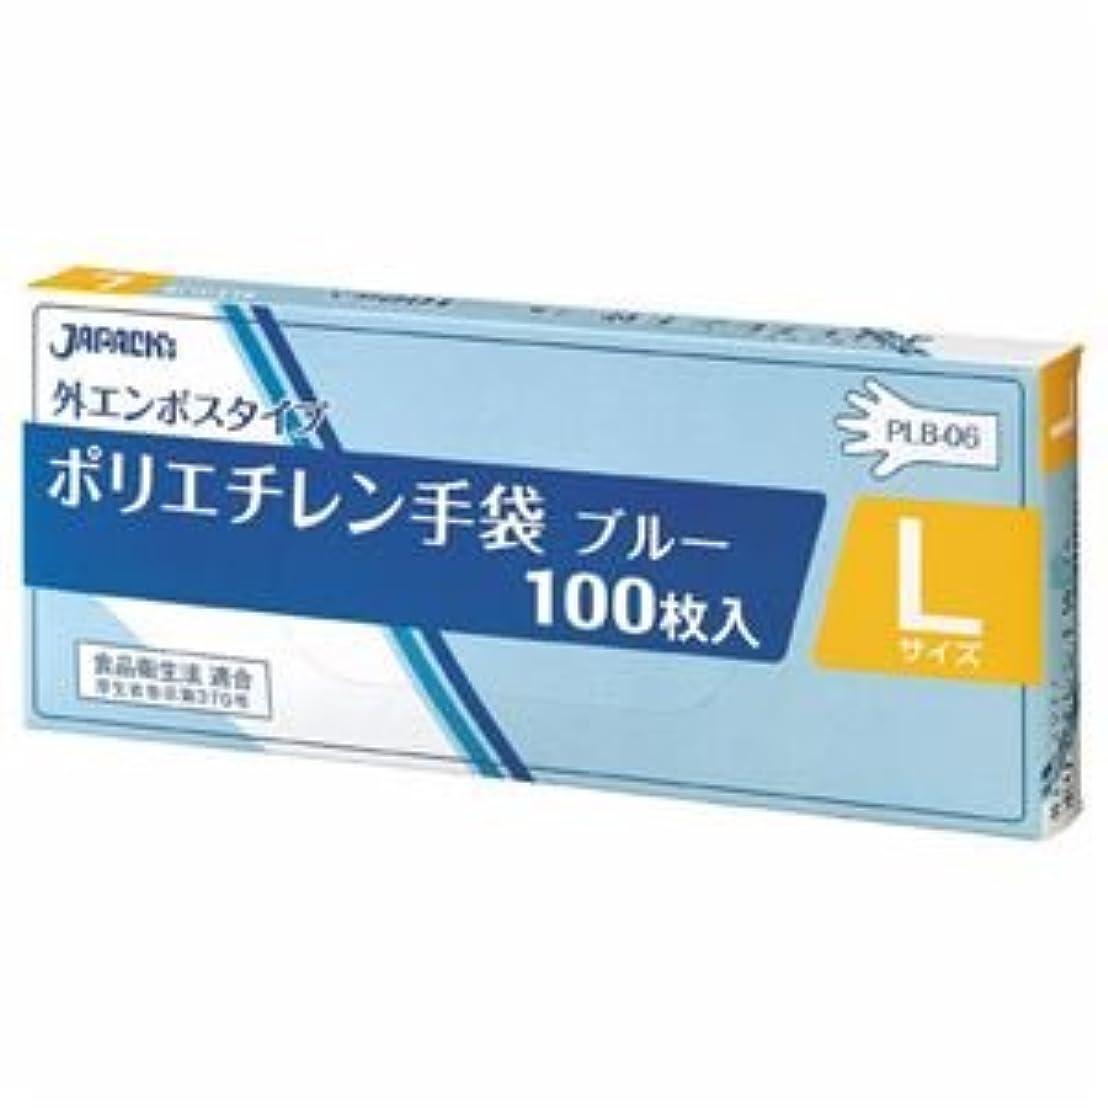 ニコチンこだわりマークされた(まとめ) ジャパックス 外エンボスLDポリ手袋BOX L 青 PLB06 1パック(100枚) 【×20セット】 ds-1583310